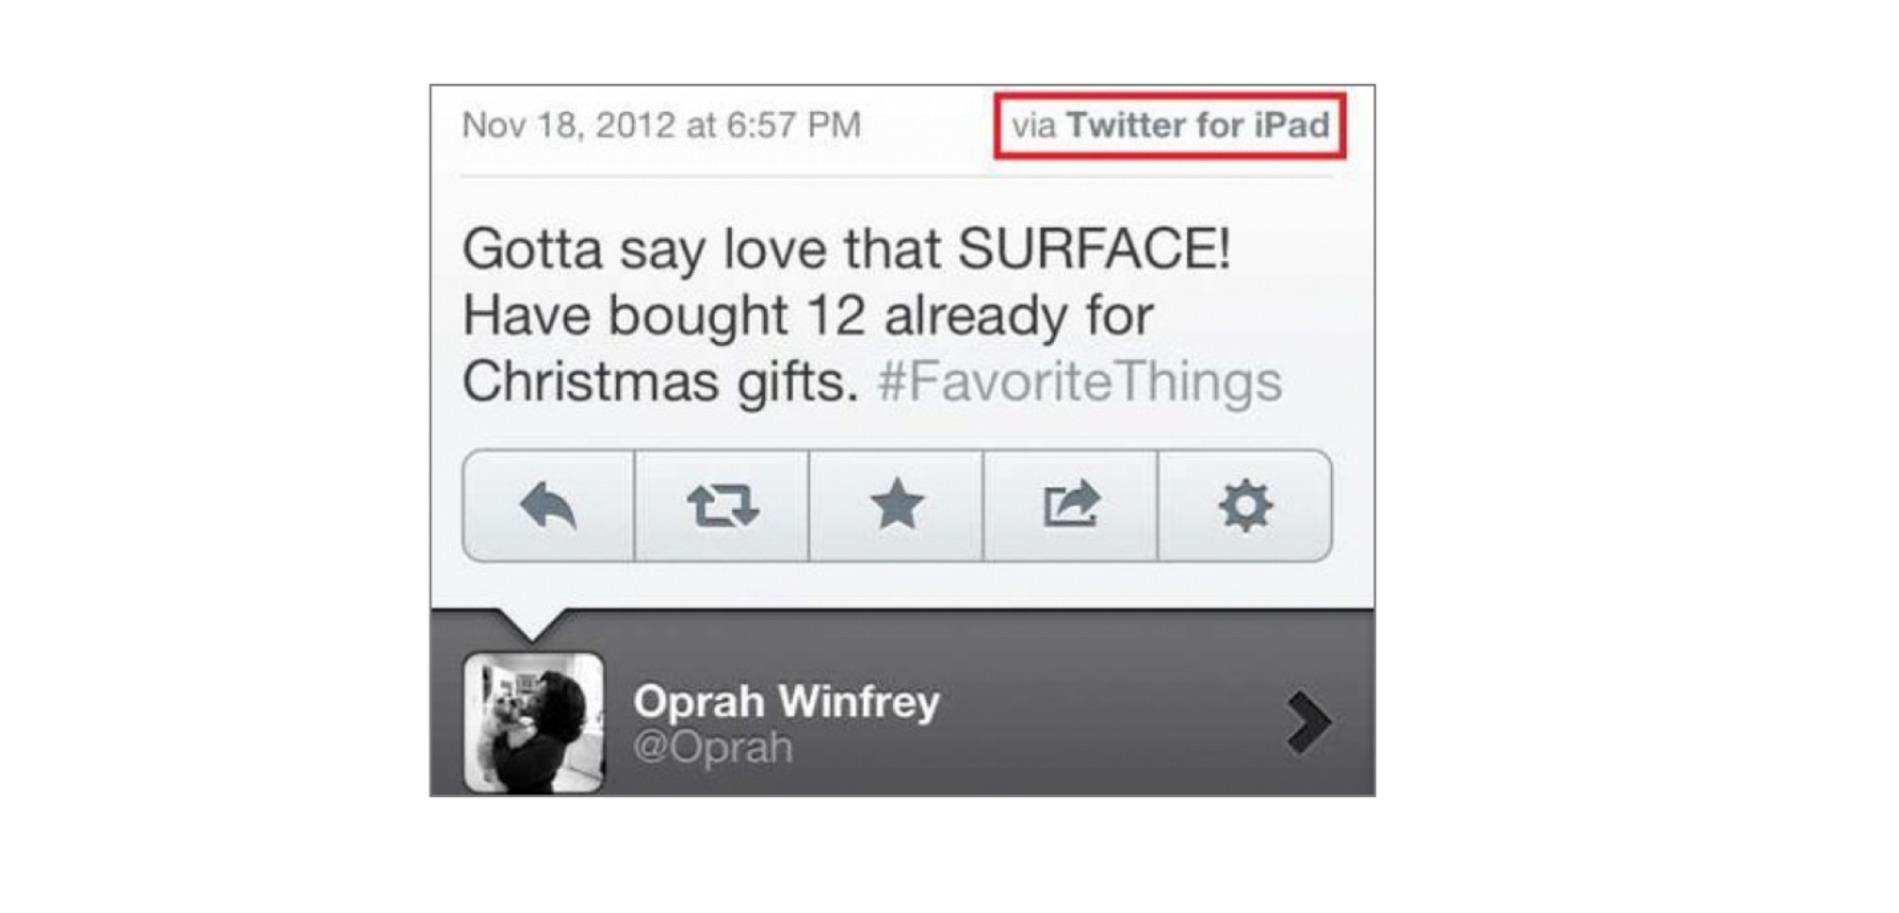 Oprah Winfrey tweet.